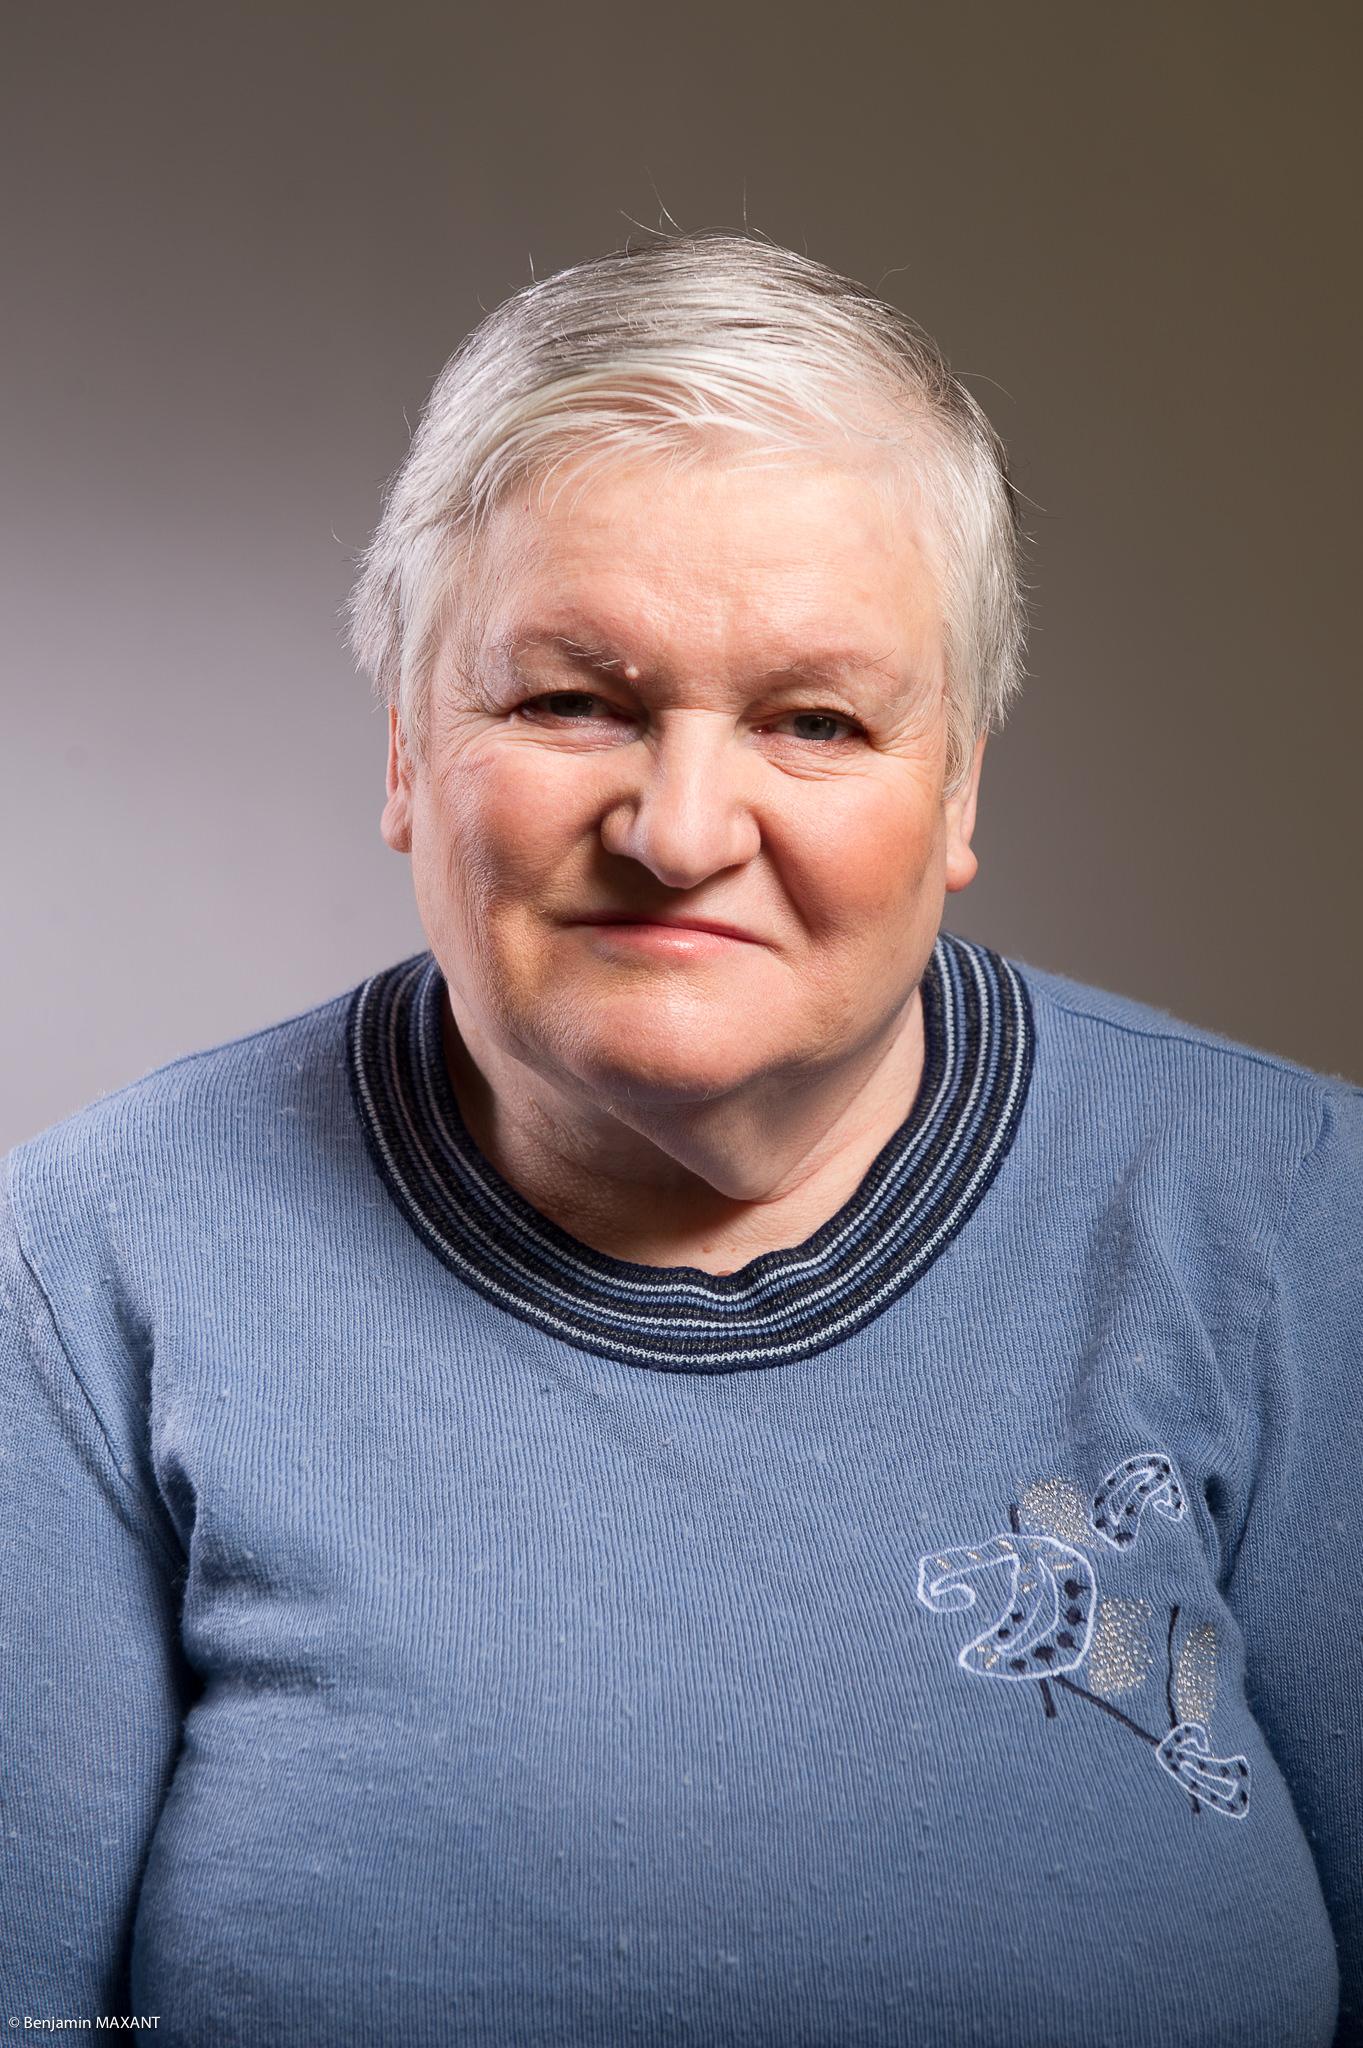 Portrait studio d'une personne âgée - femme pull bleu